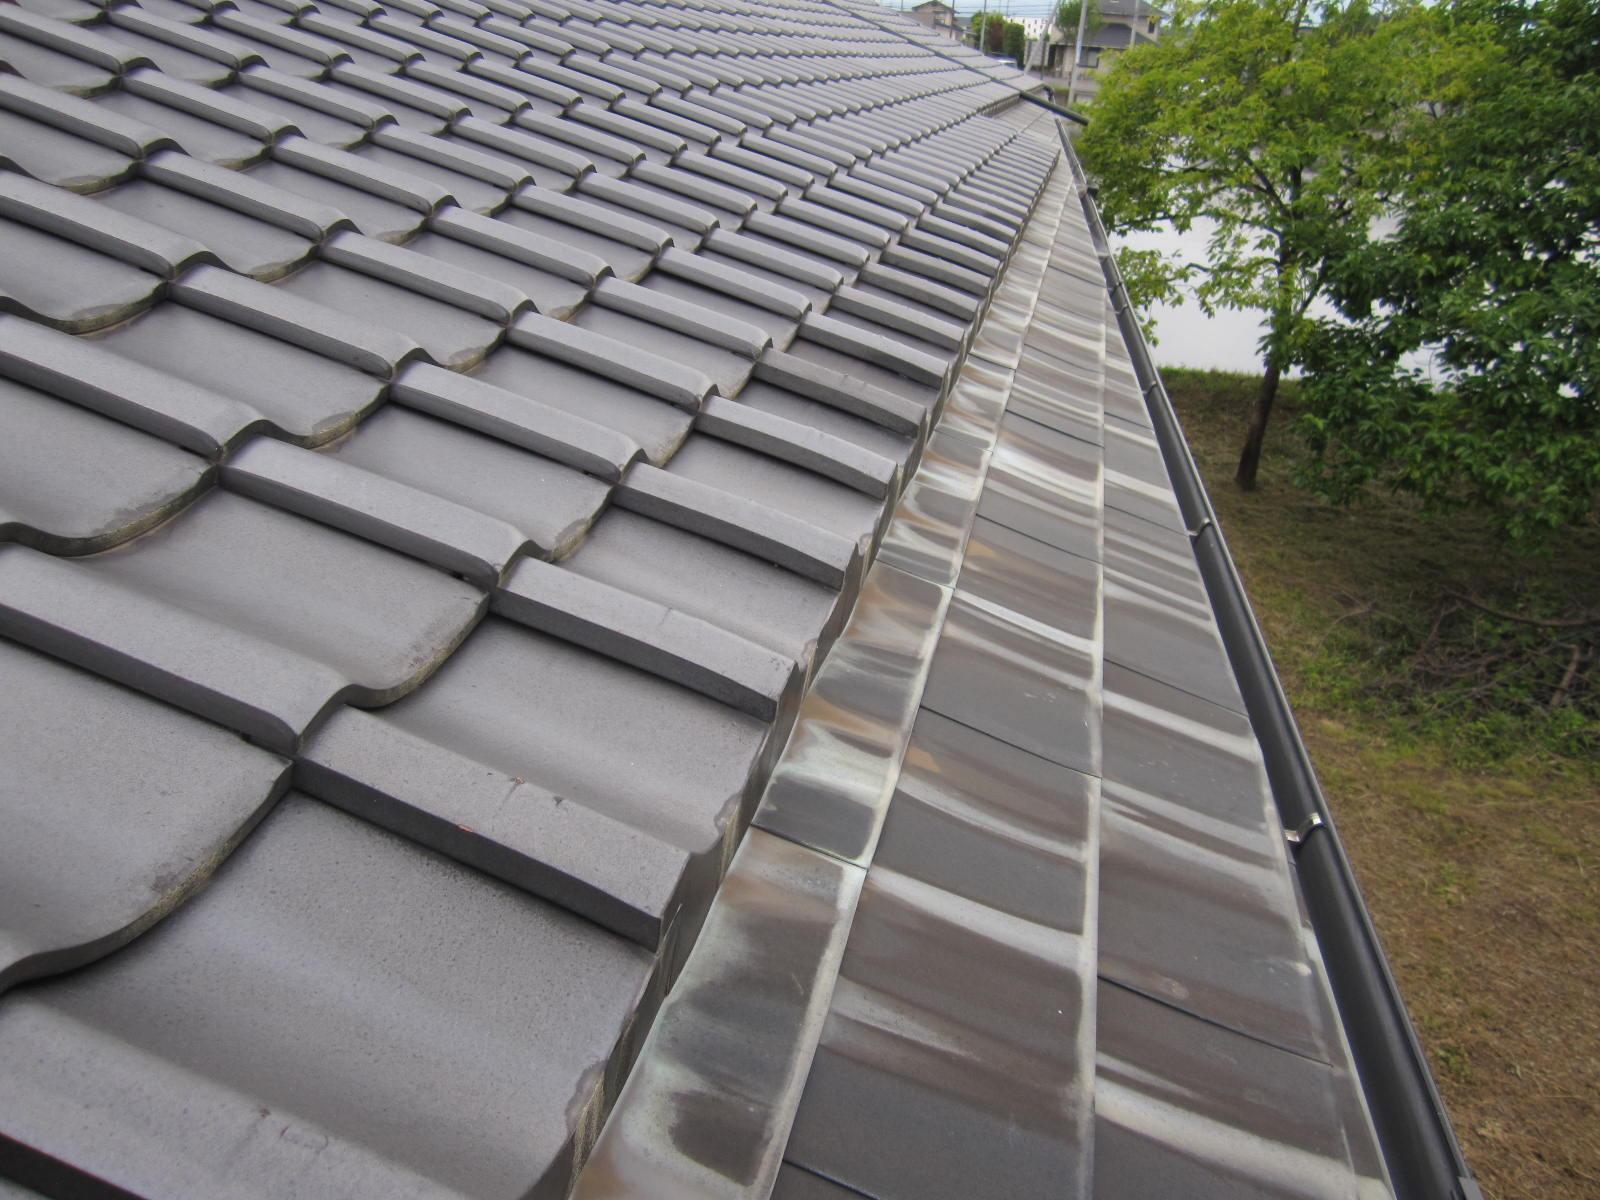 屋根の棟積直し工事と銅板屋根保護剤塗布を行います。in那須塩原市